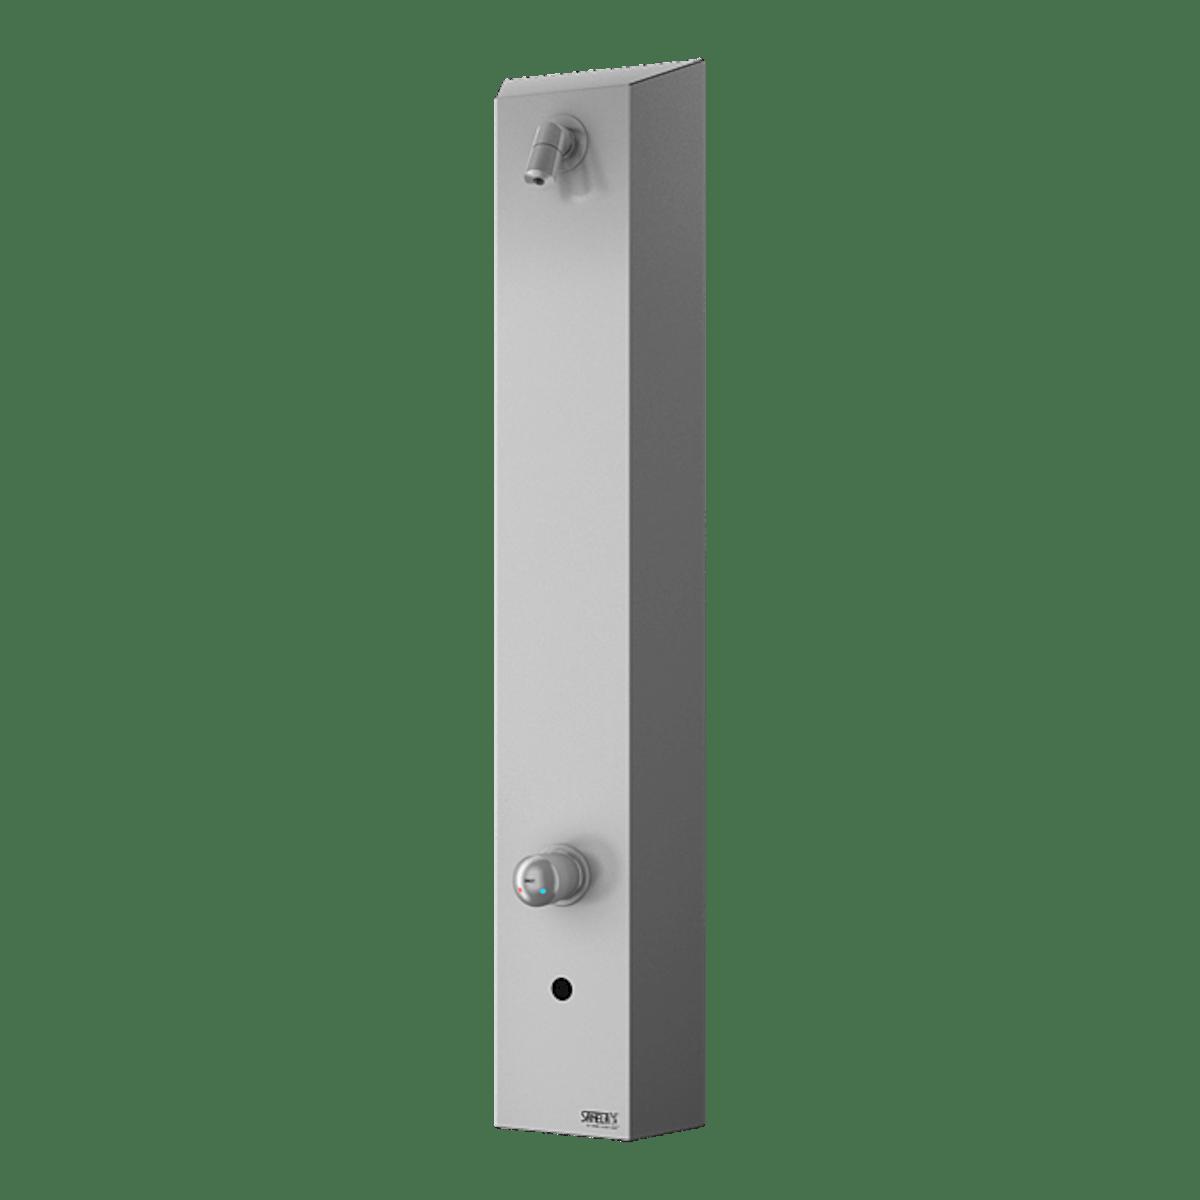 Sprchový panel Sanela na stěnu se senzorem nerez SLSN02EB - SANELA Sprchový panel SLSN 02EB